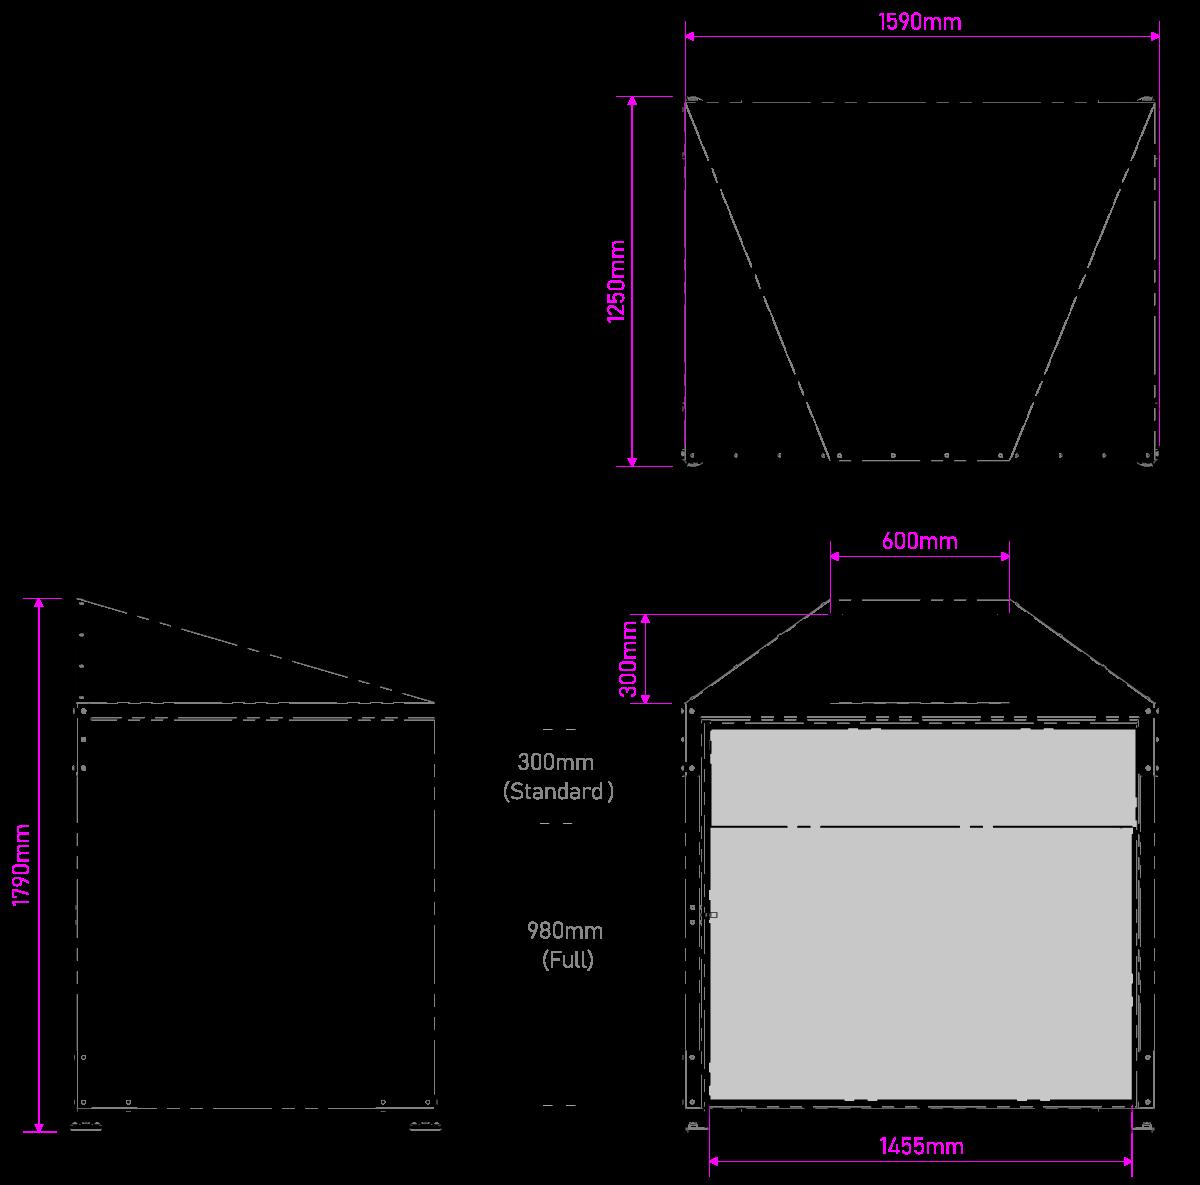 Μεταλλικός Κάδος Απορριμμάτων 1100 L Τεχνικές Διαστάσεις Πρόσοψη